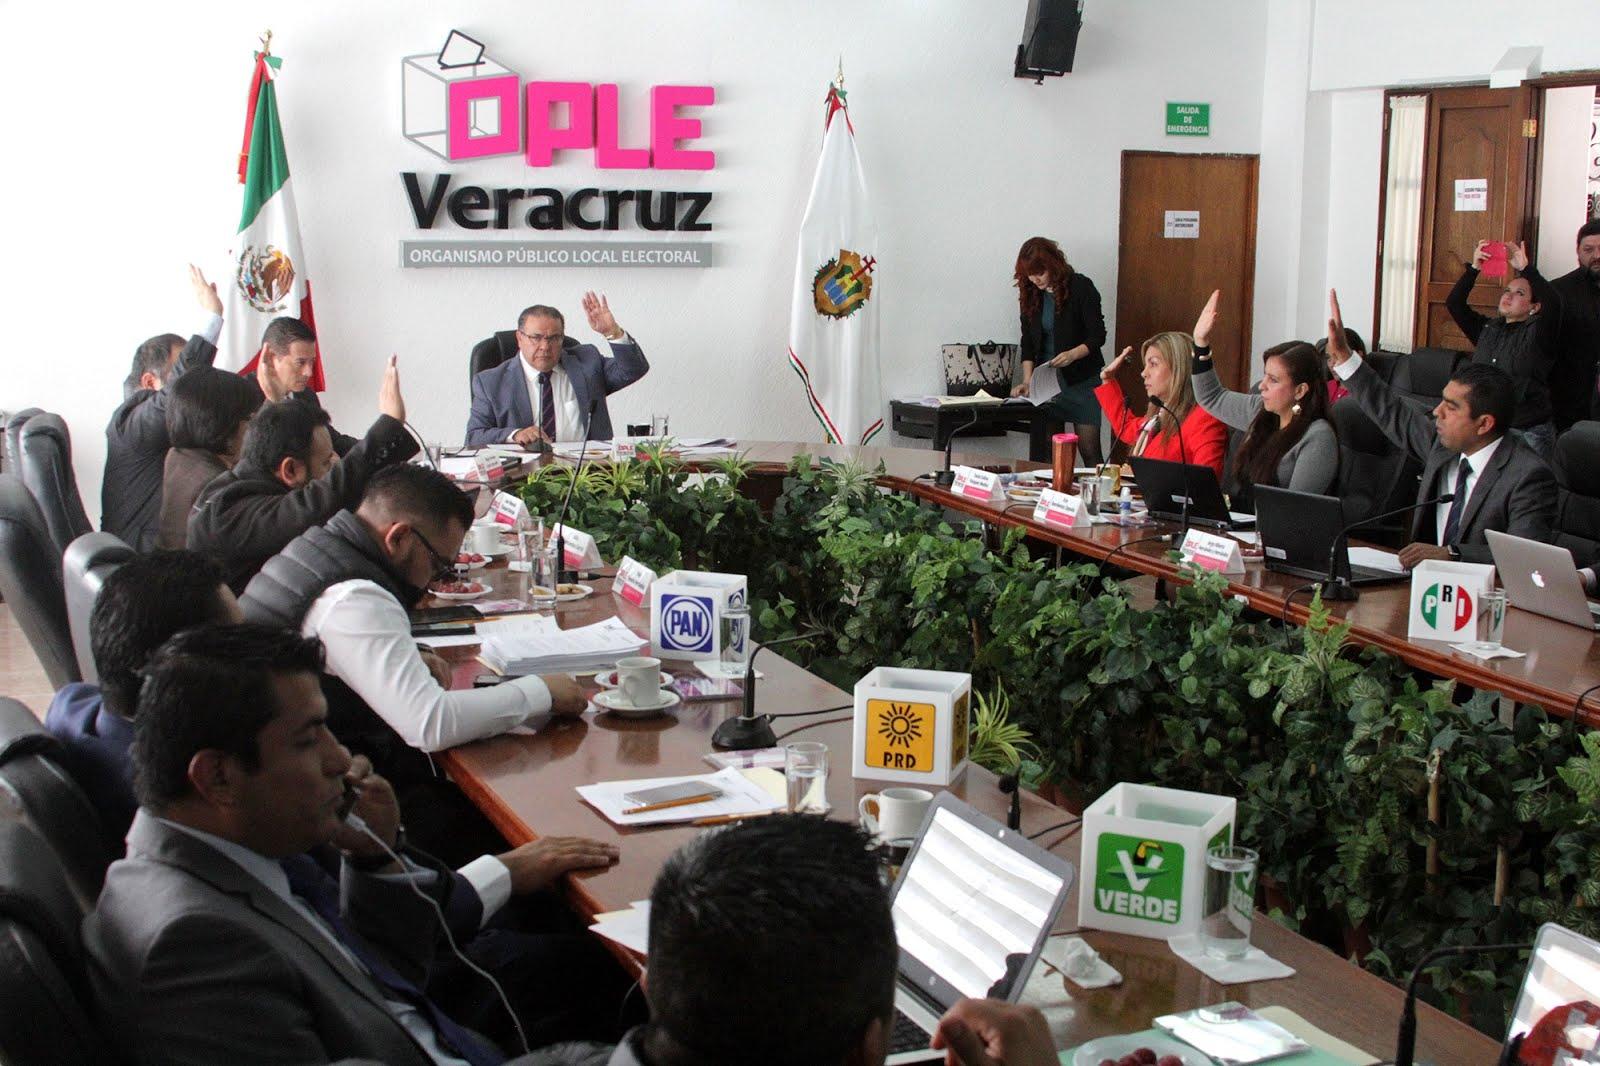 Sitio Ople Veracruz